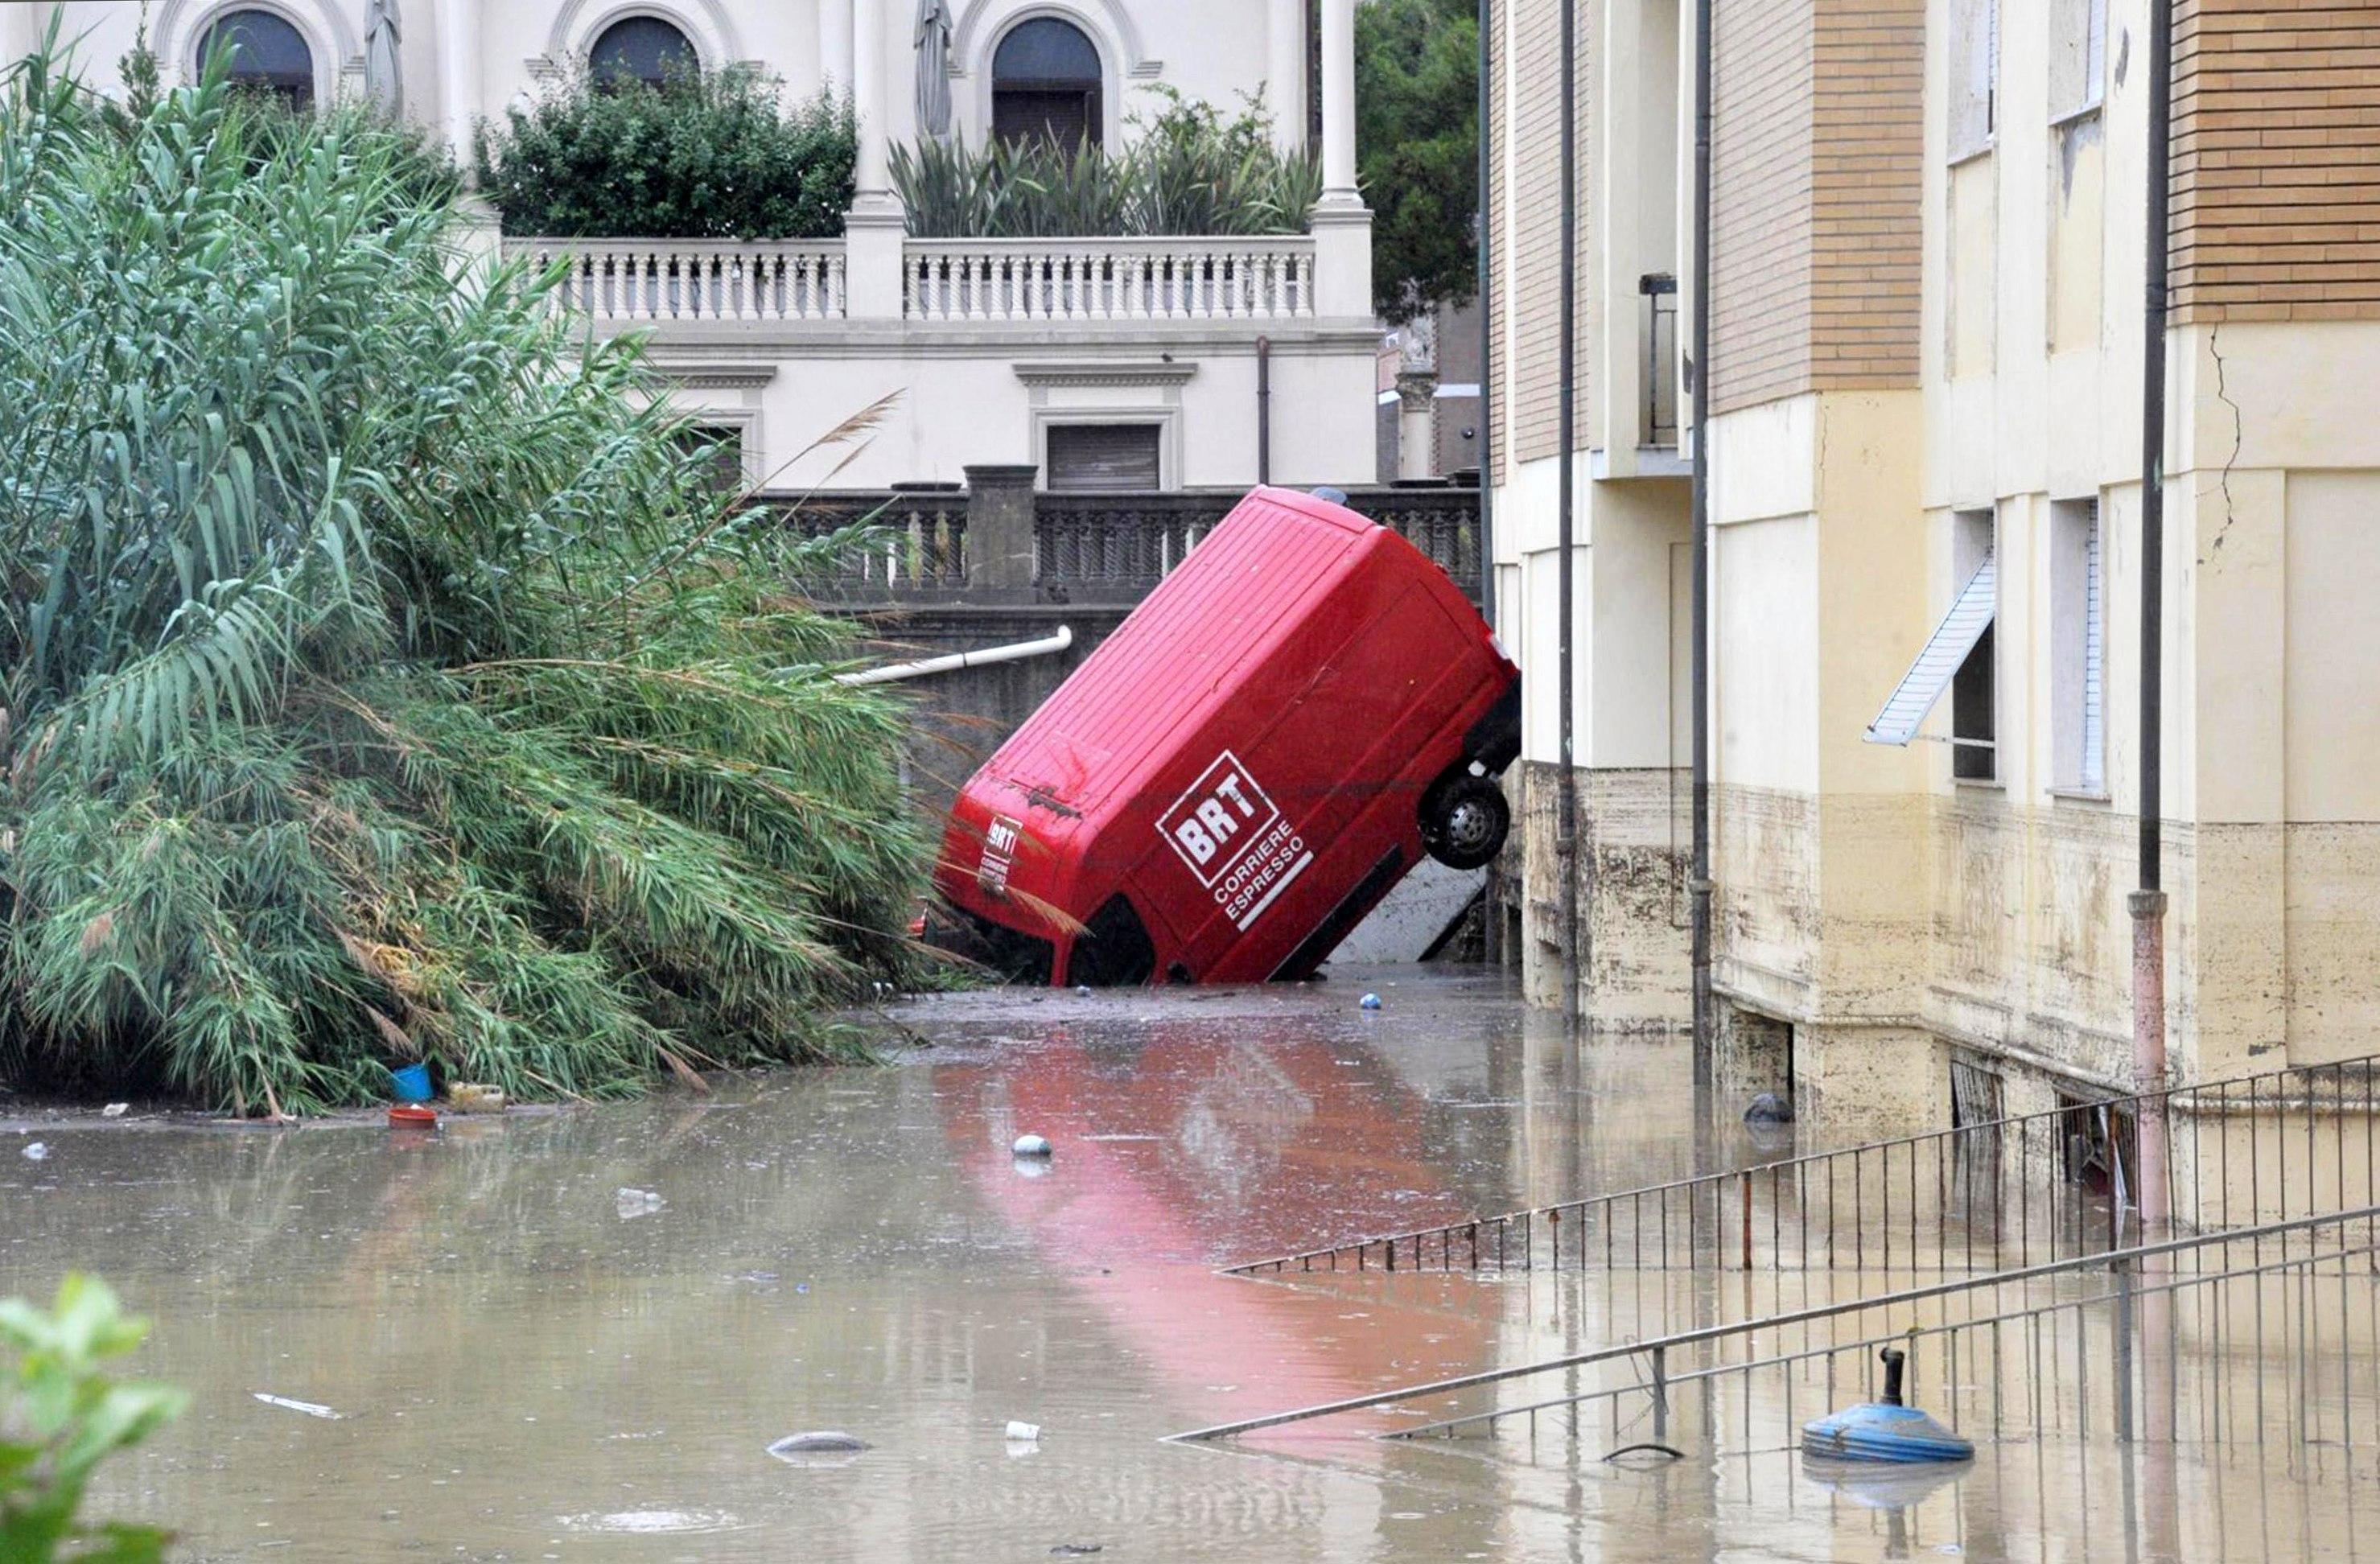 Vista d'un carrer negat a Livorno, Itàlia. /ALESSIO NOVI